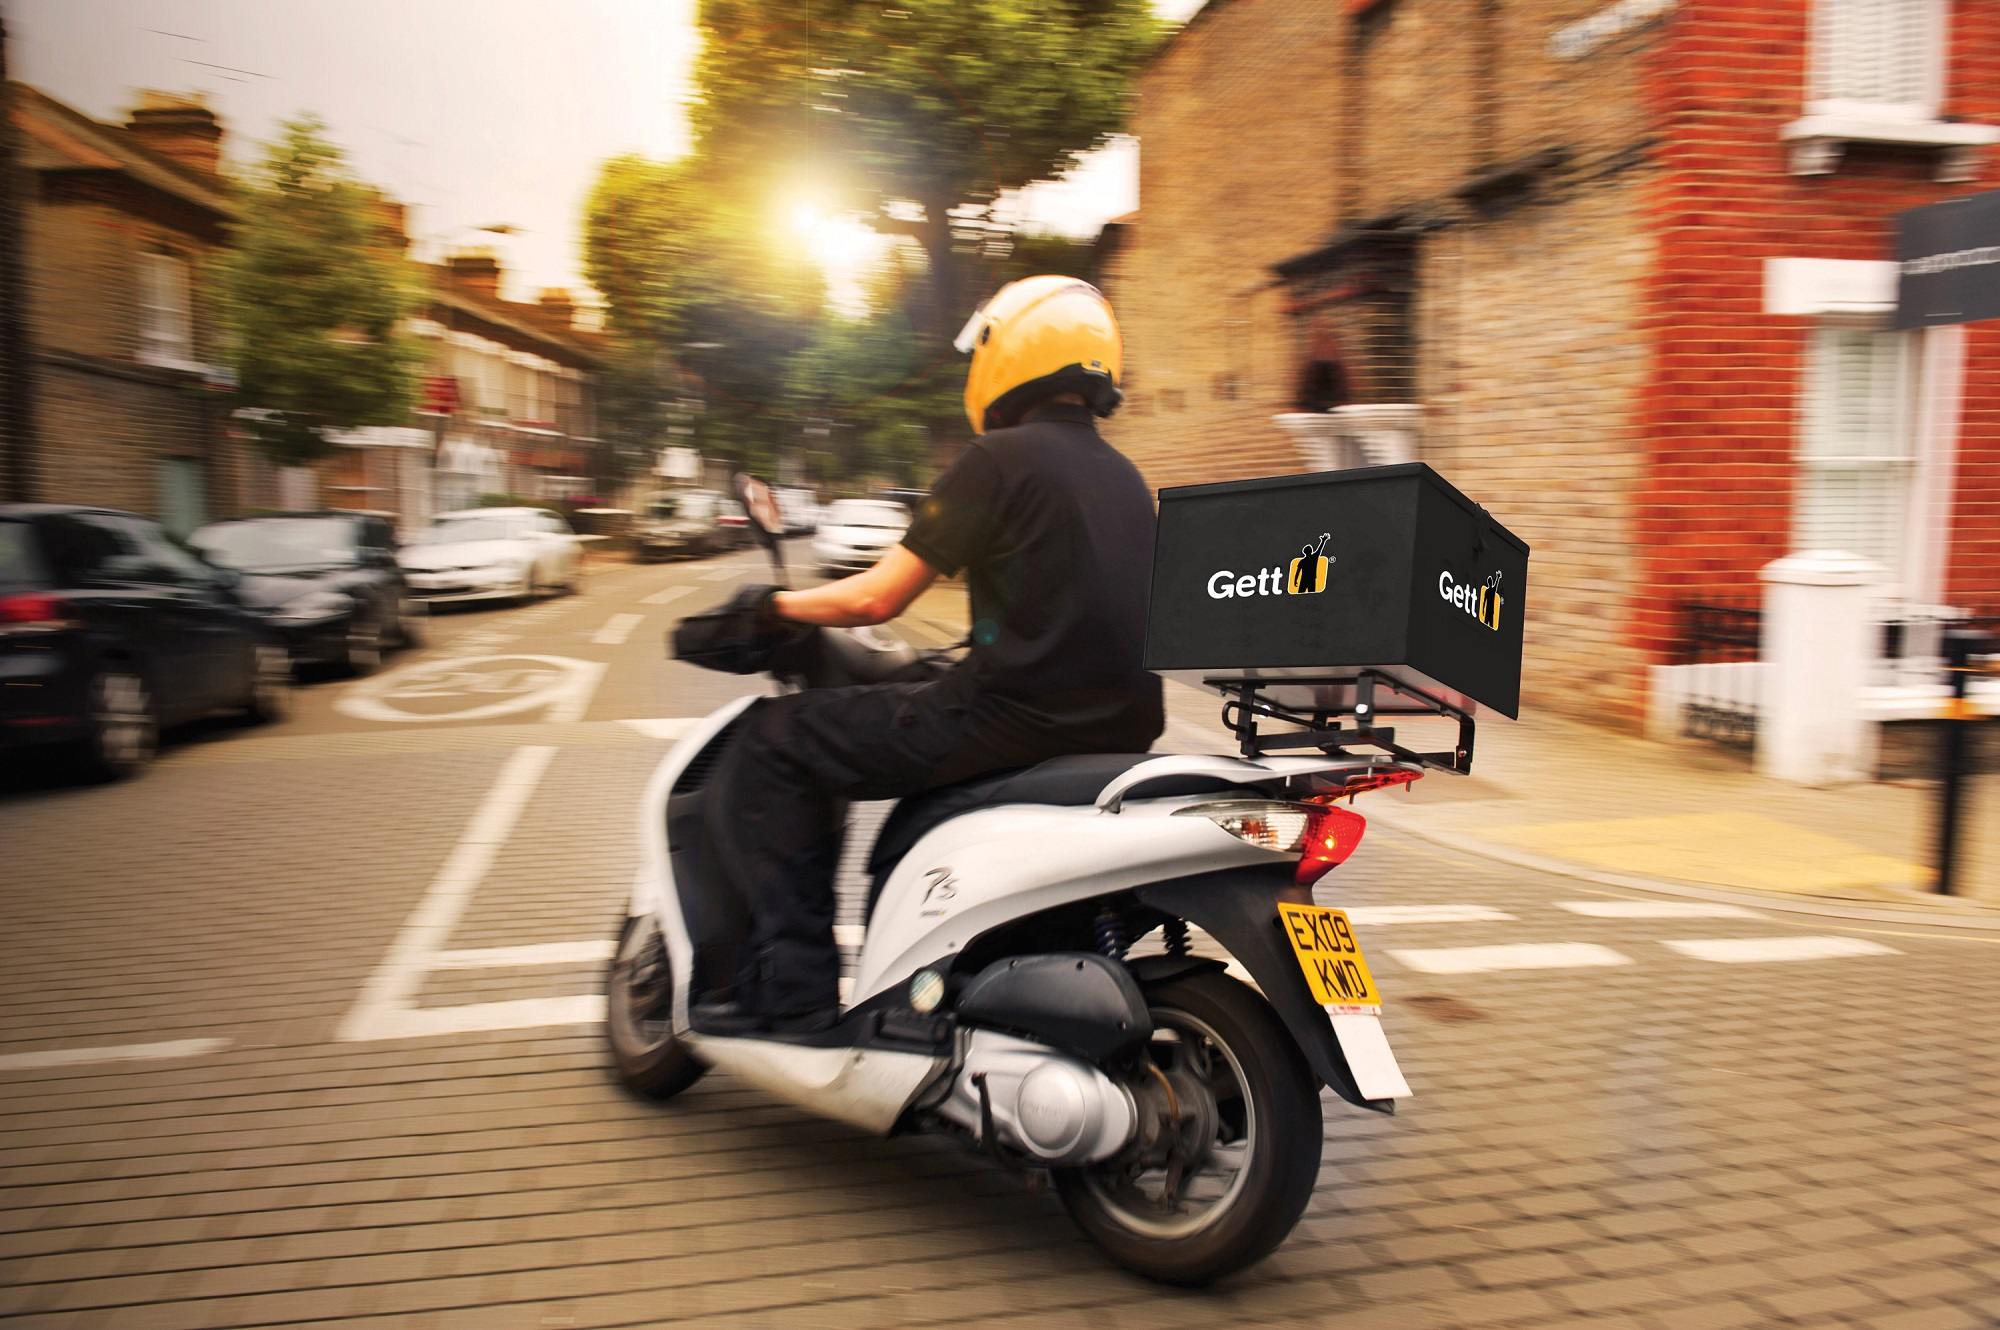 OZON будет доставлять товары с помощью Gett Delivery